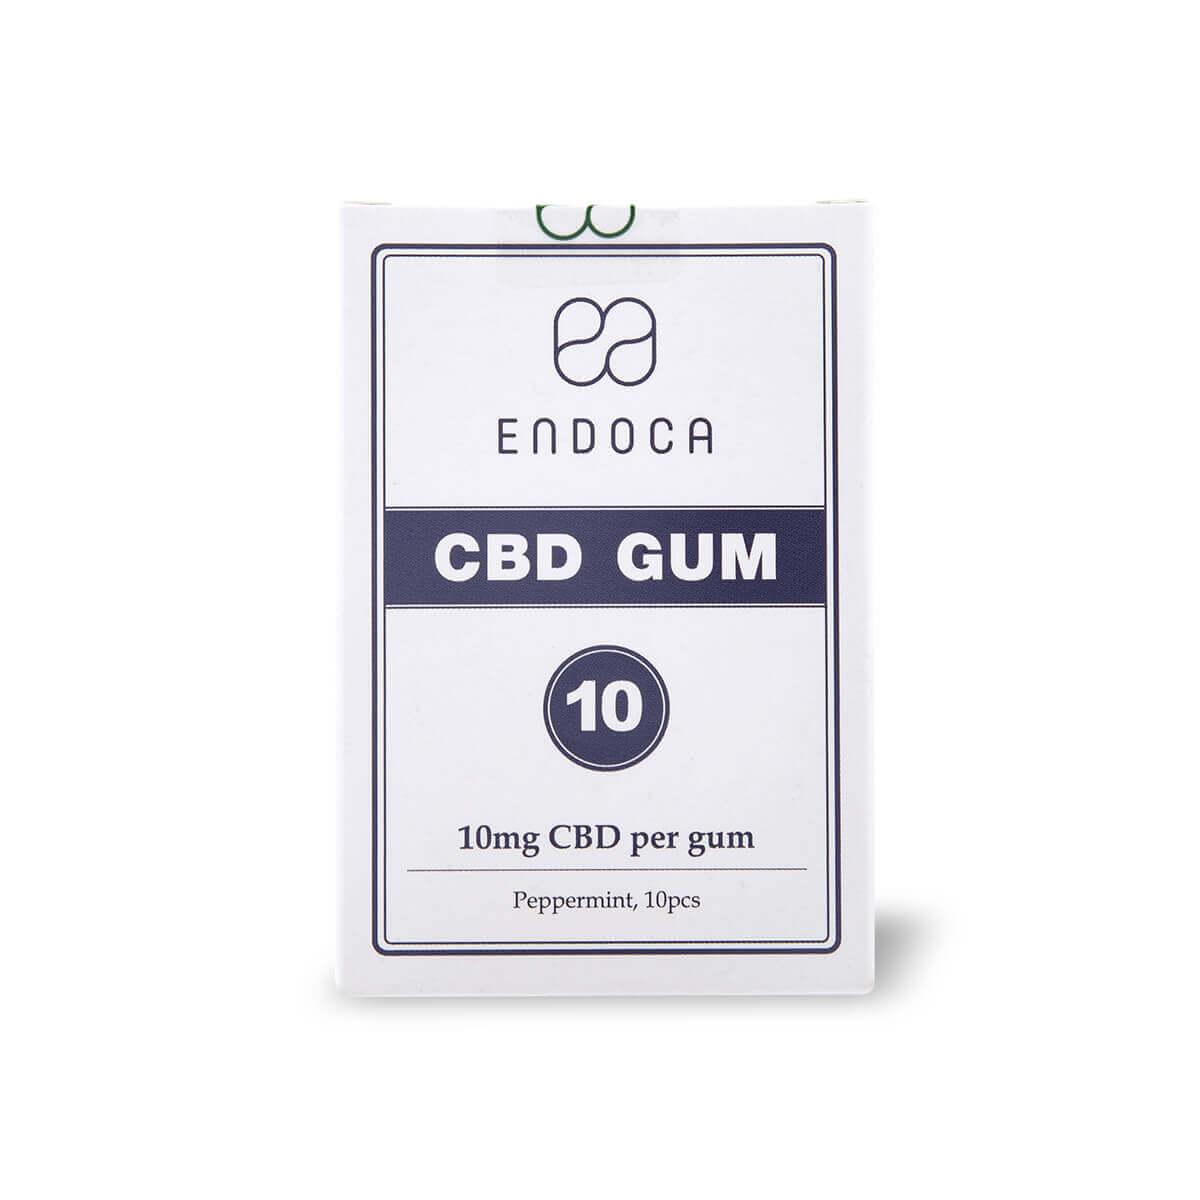 CBD Gum - Front